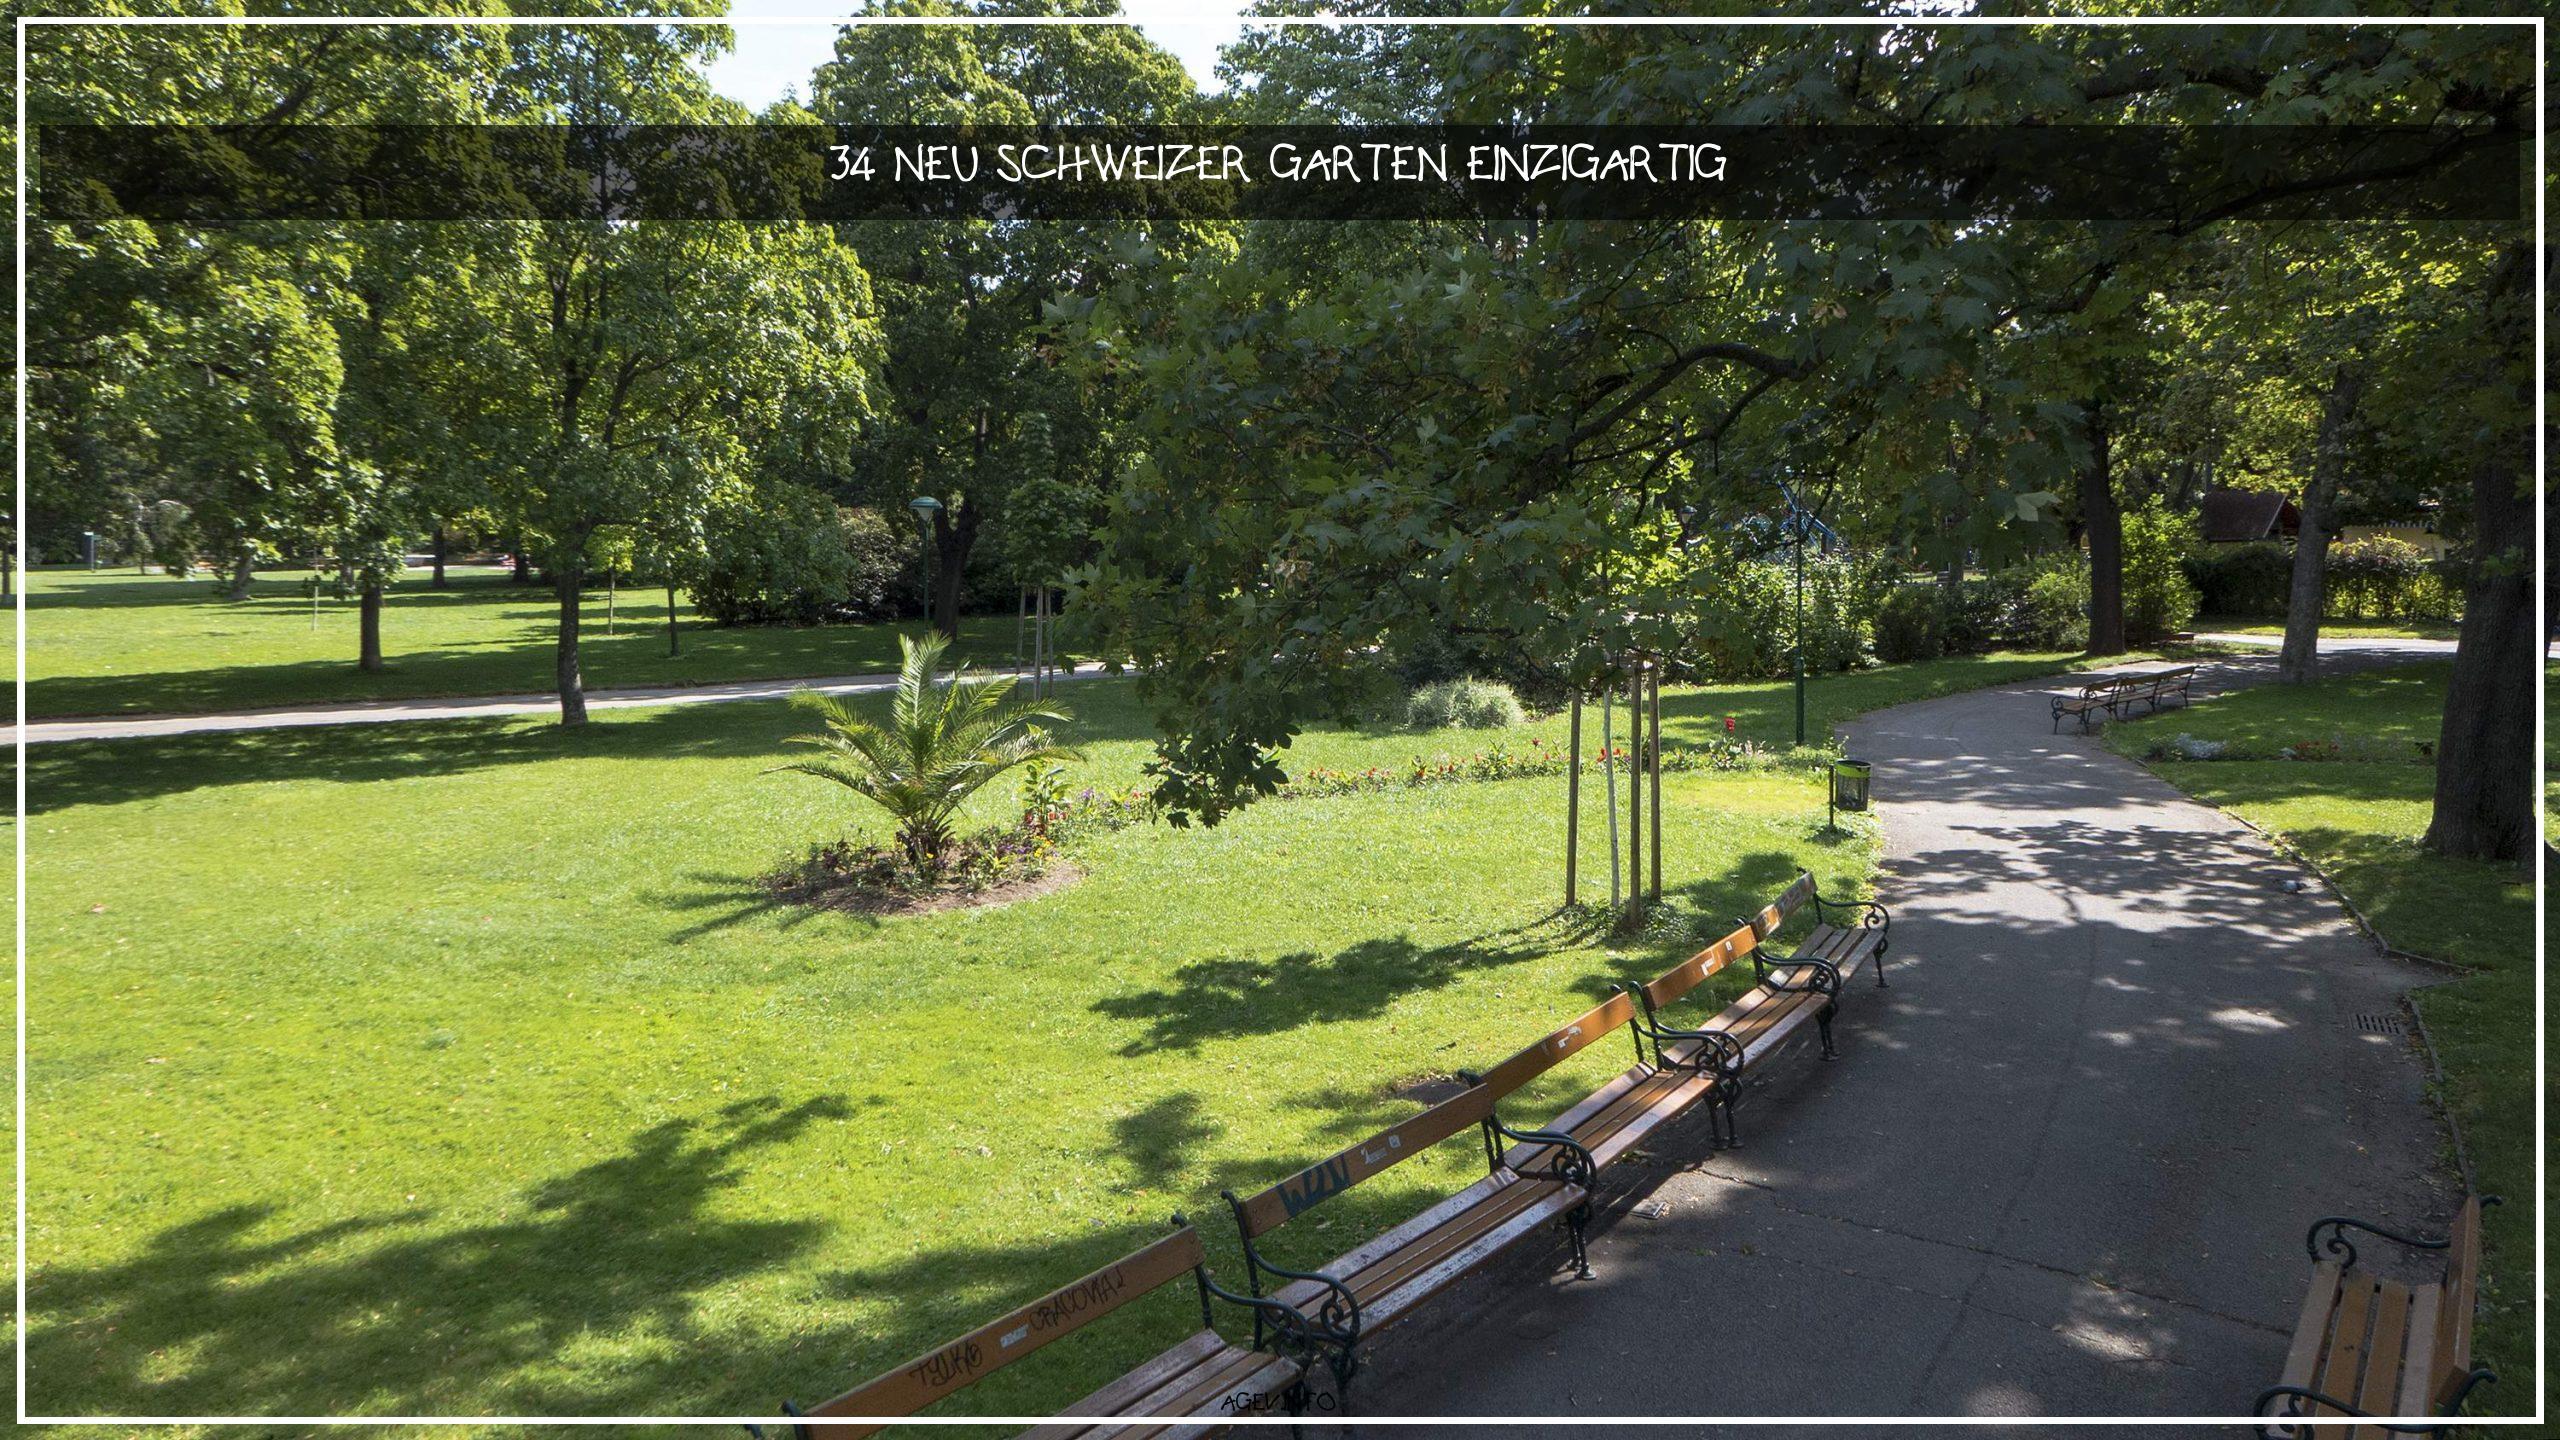 Schweizer Garten Genial Schweizergarten –